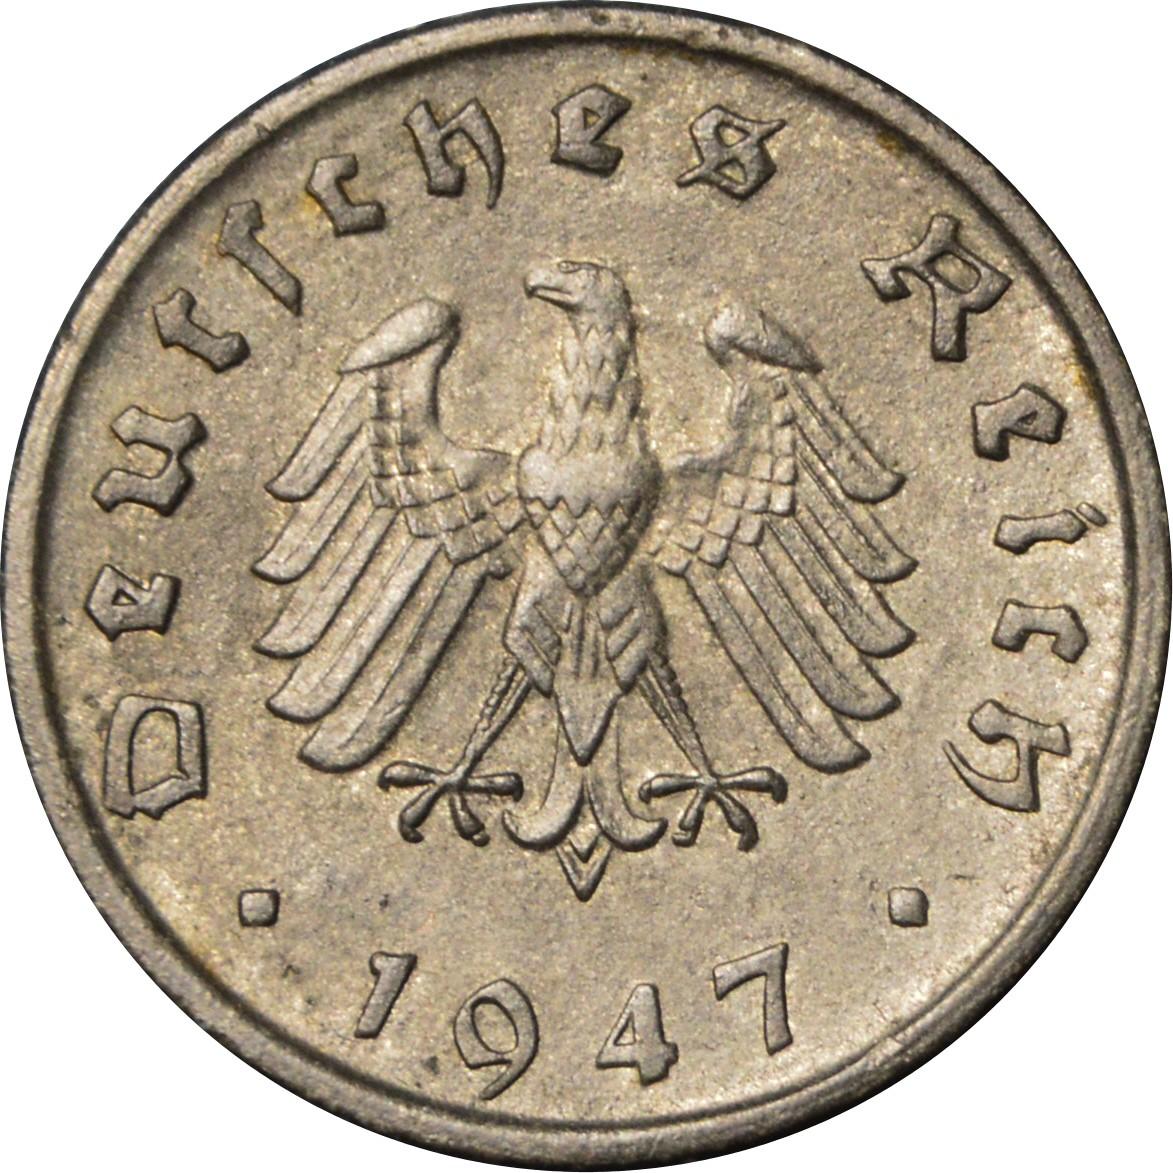 Germany 10 Reichspfennig (1945-1948 Allied Occupation)